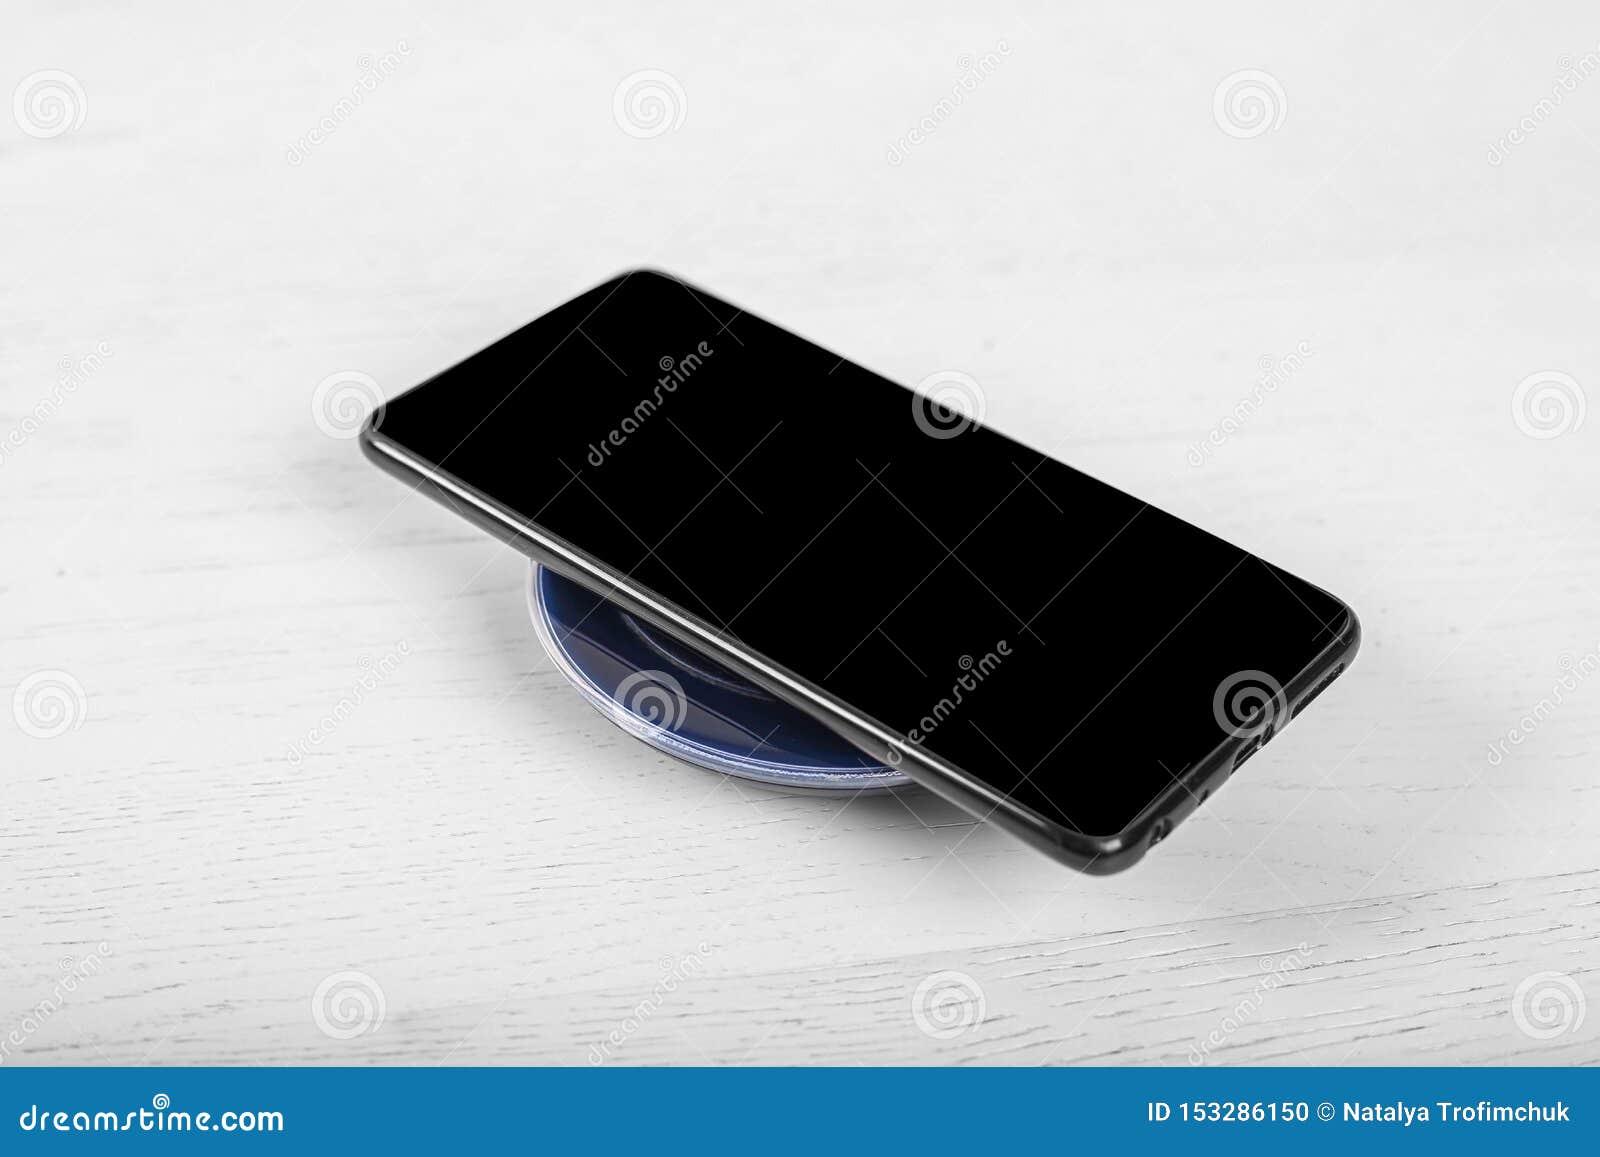 Telefon komórkowy na bezprzewodowej ładowarce, nowożytny wyposażenie na białym tle